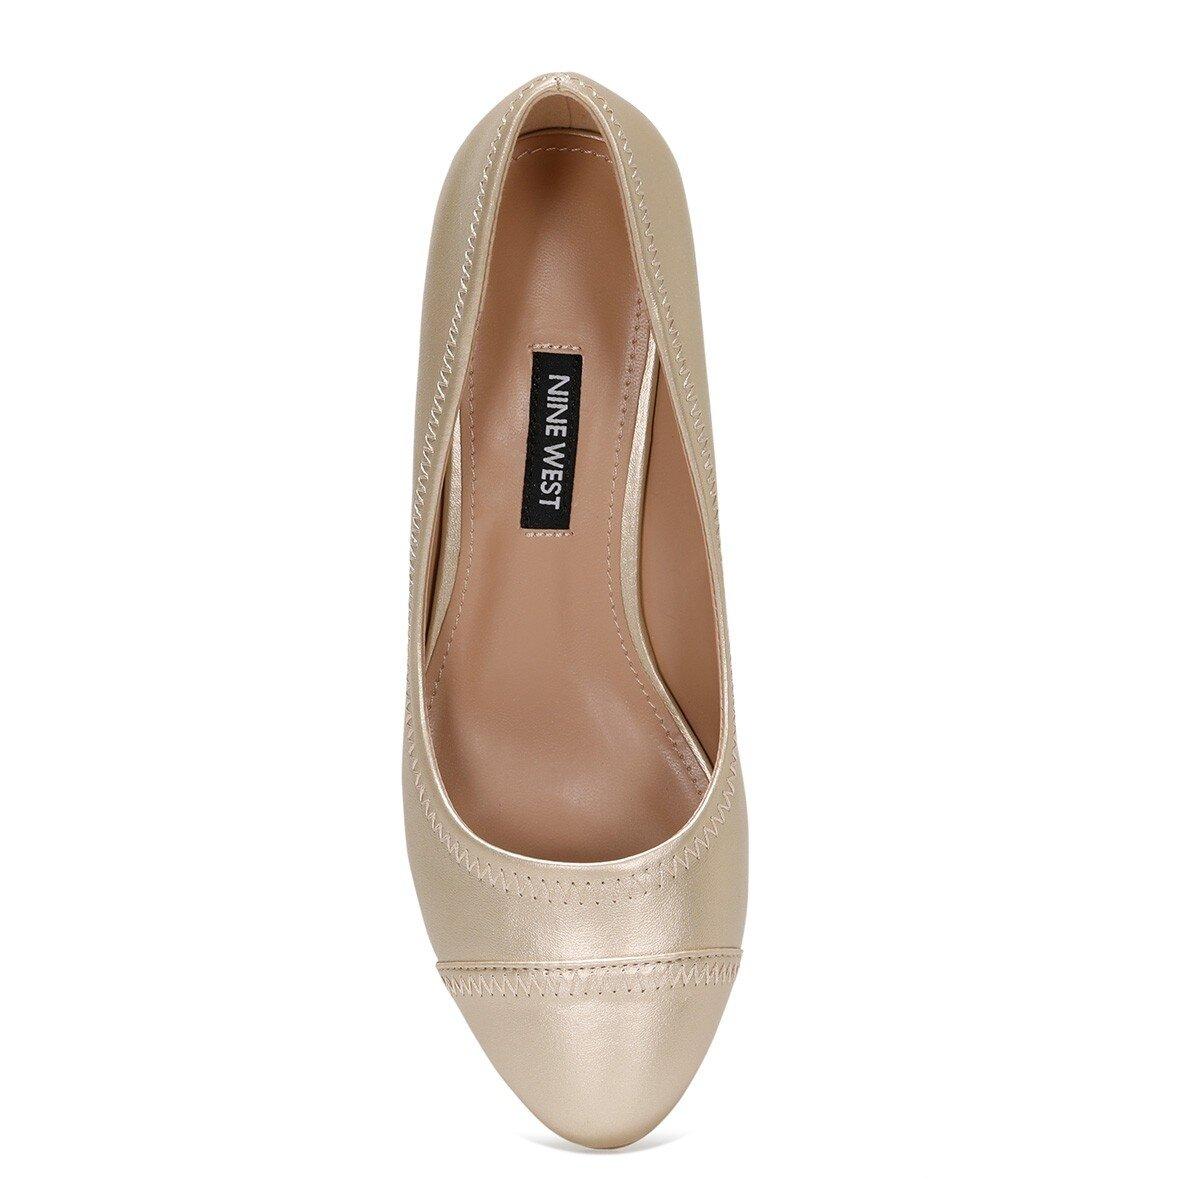 BLOCKER 1FX Altın Kadın Dolgu Topuk Ayakkabı